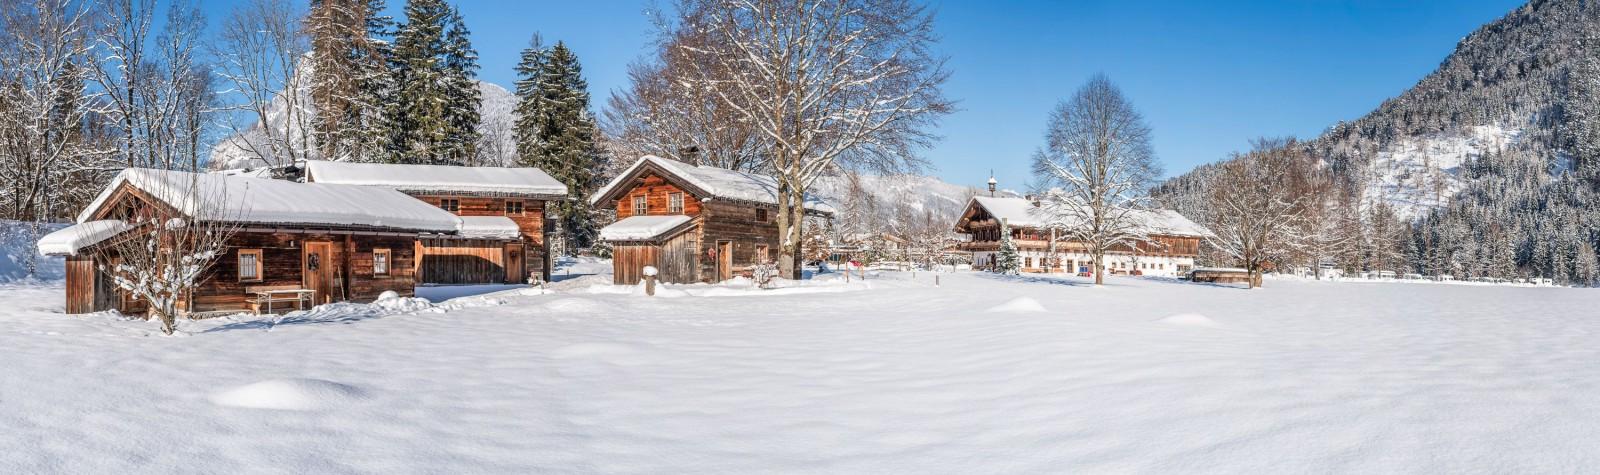 Grubhof, die Nummer 1 beim Wintercamping: Das Alm-Dorf.